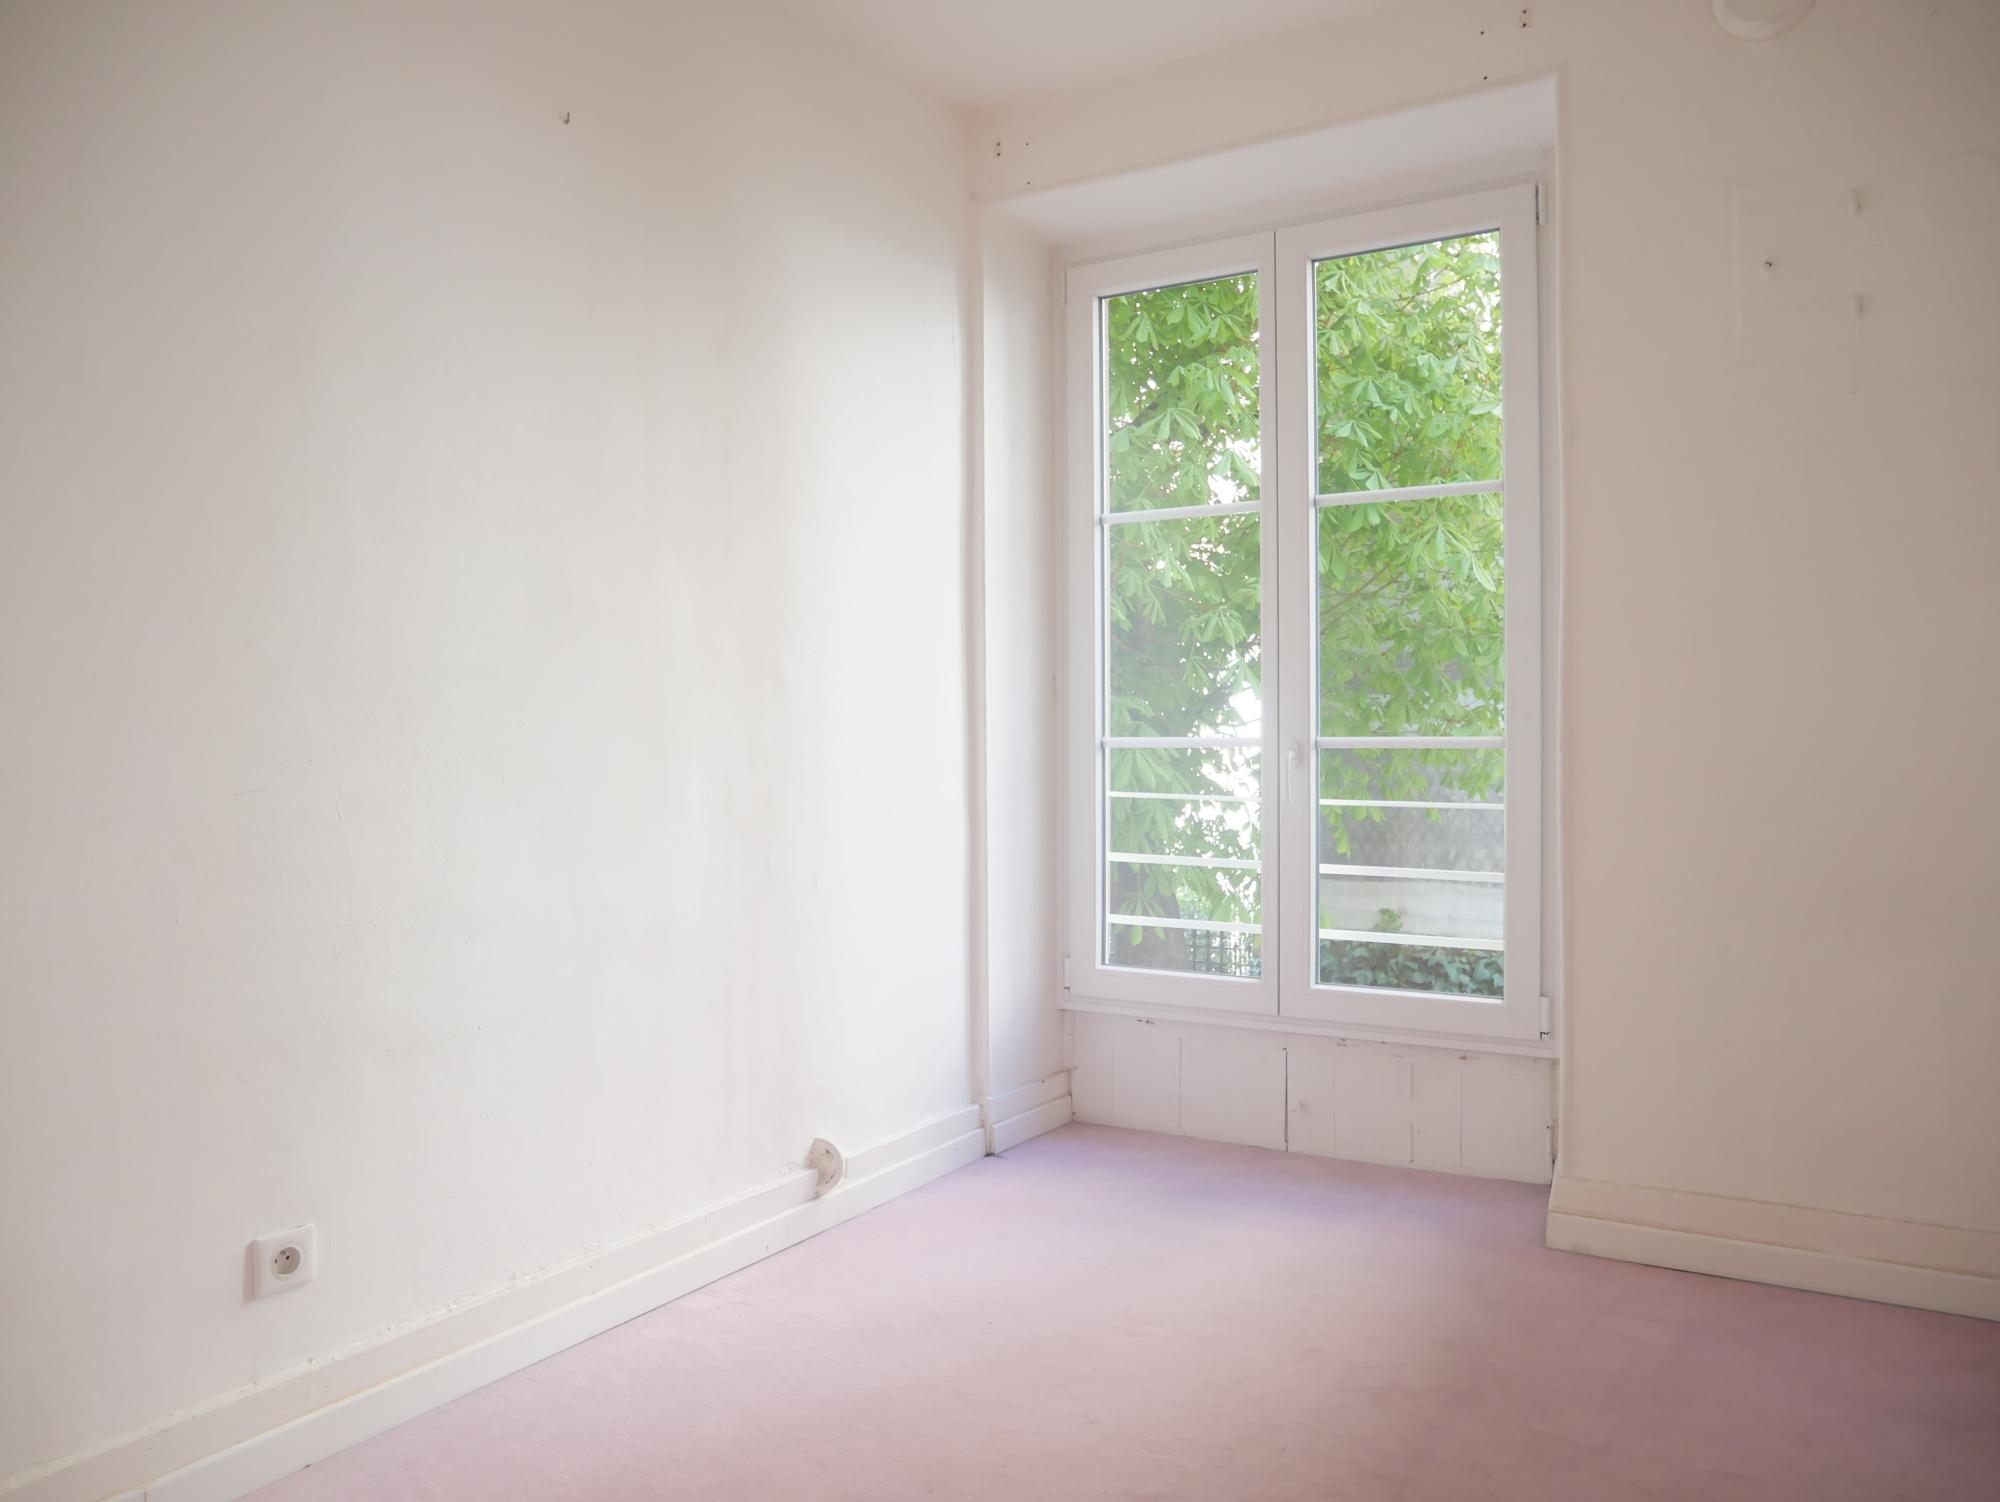 [Kléby] Charmant 2/3 pièces - C.C les Halles / Quai Kléber - nos locations - Beausite Immobilier 4